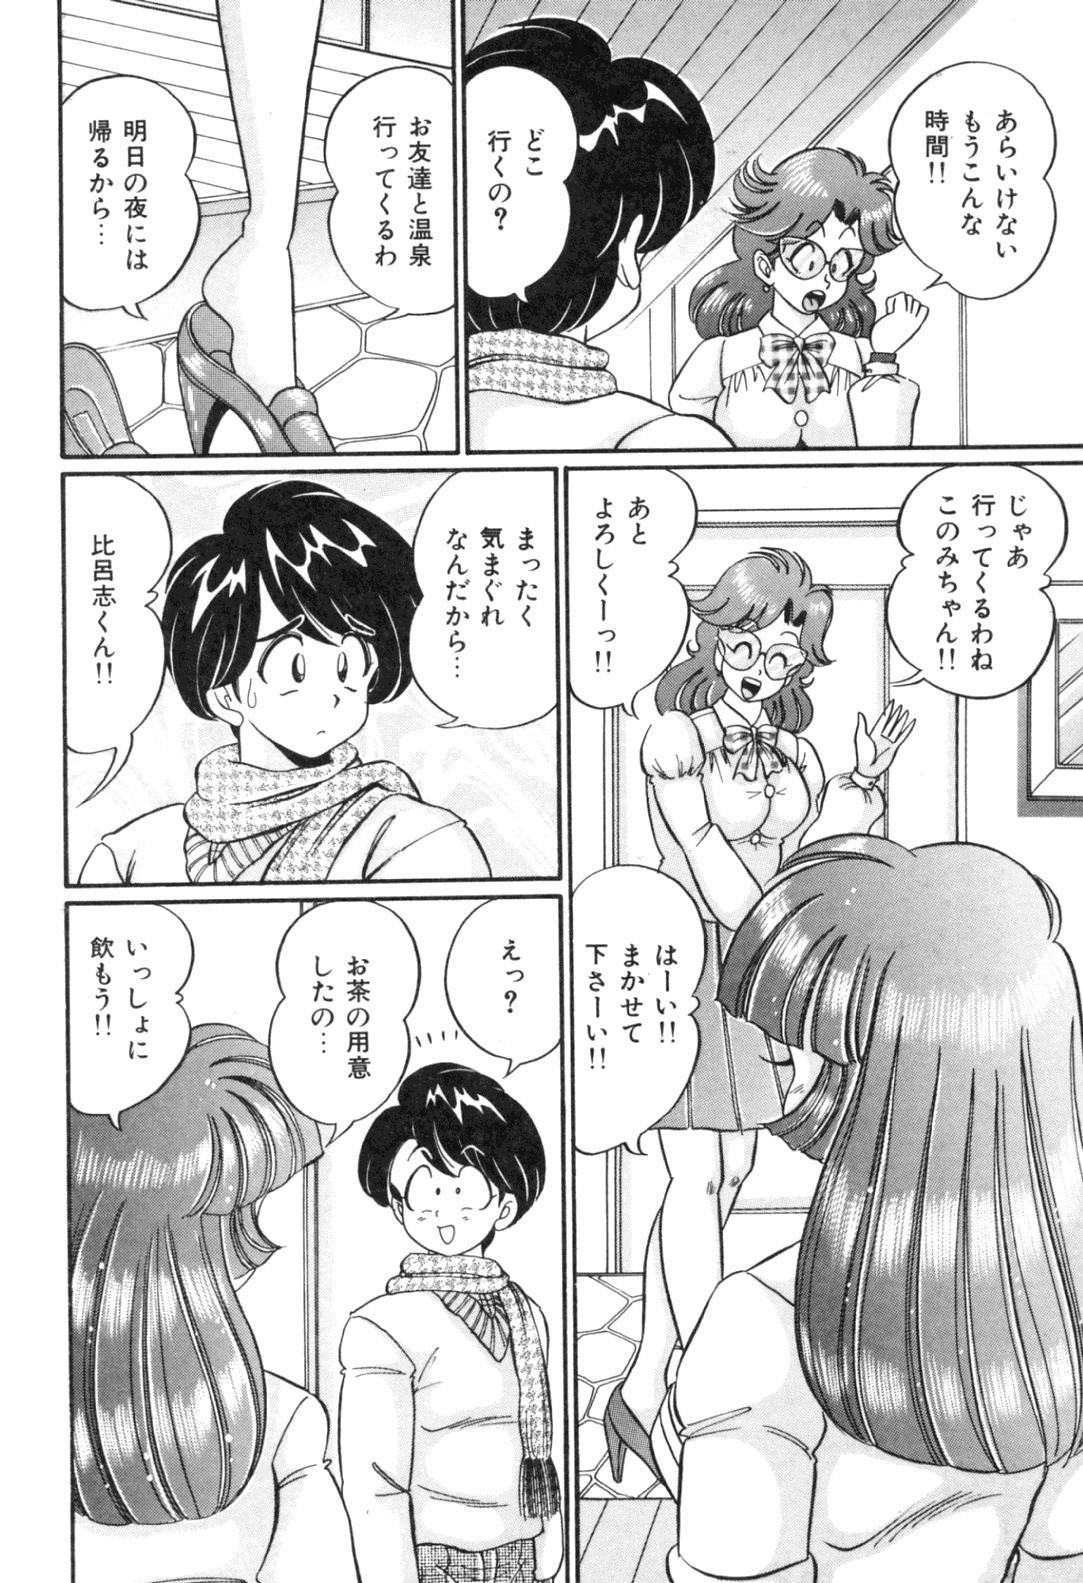 [Watanabe Wataru] Tonari no Onee-san - Sister of Neighborhood 116